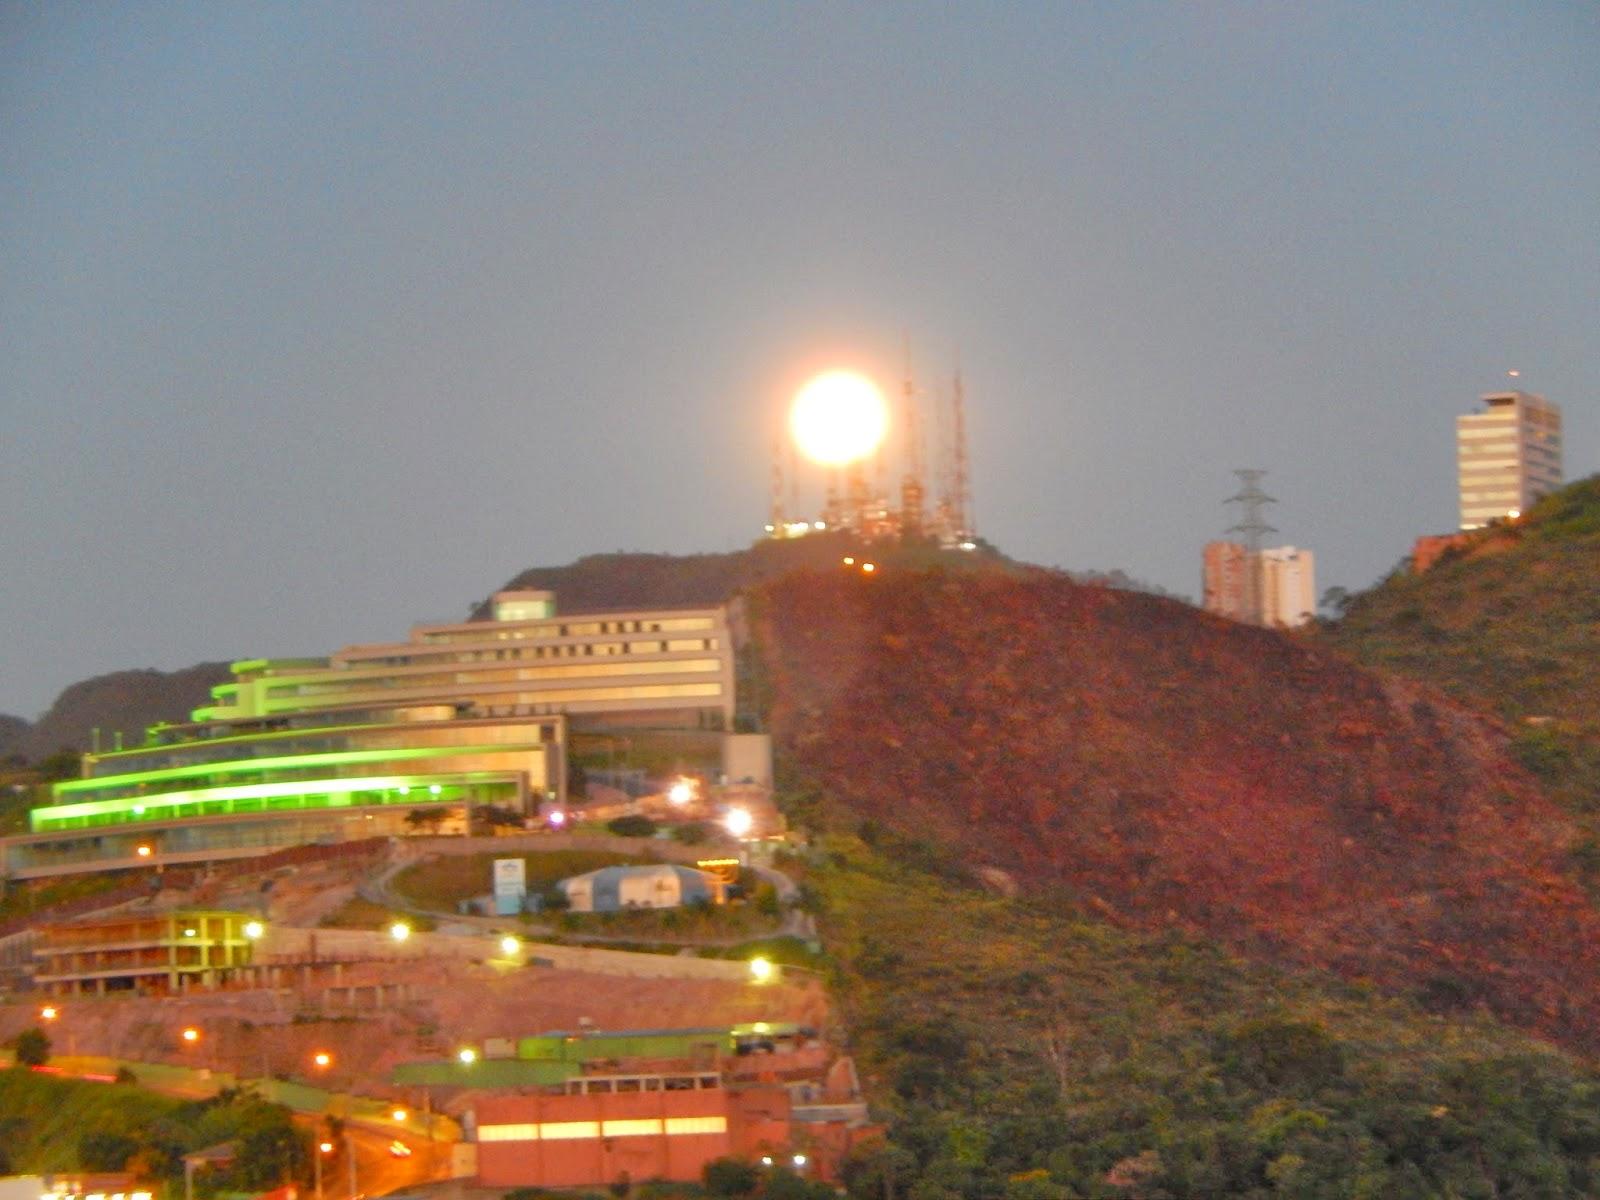 #B59416 BLOG DO UNIVERSO: Lua Transbordante em Belo Horizonte Para a  514 Janelas Em Aluminio Belo Horizonte